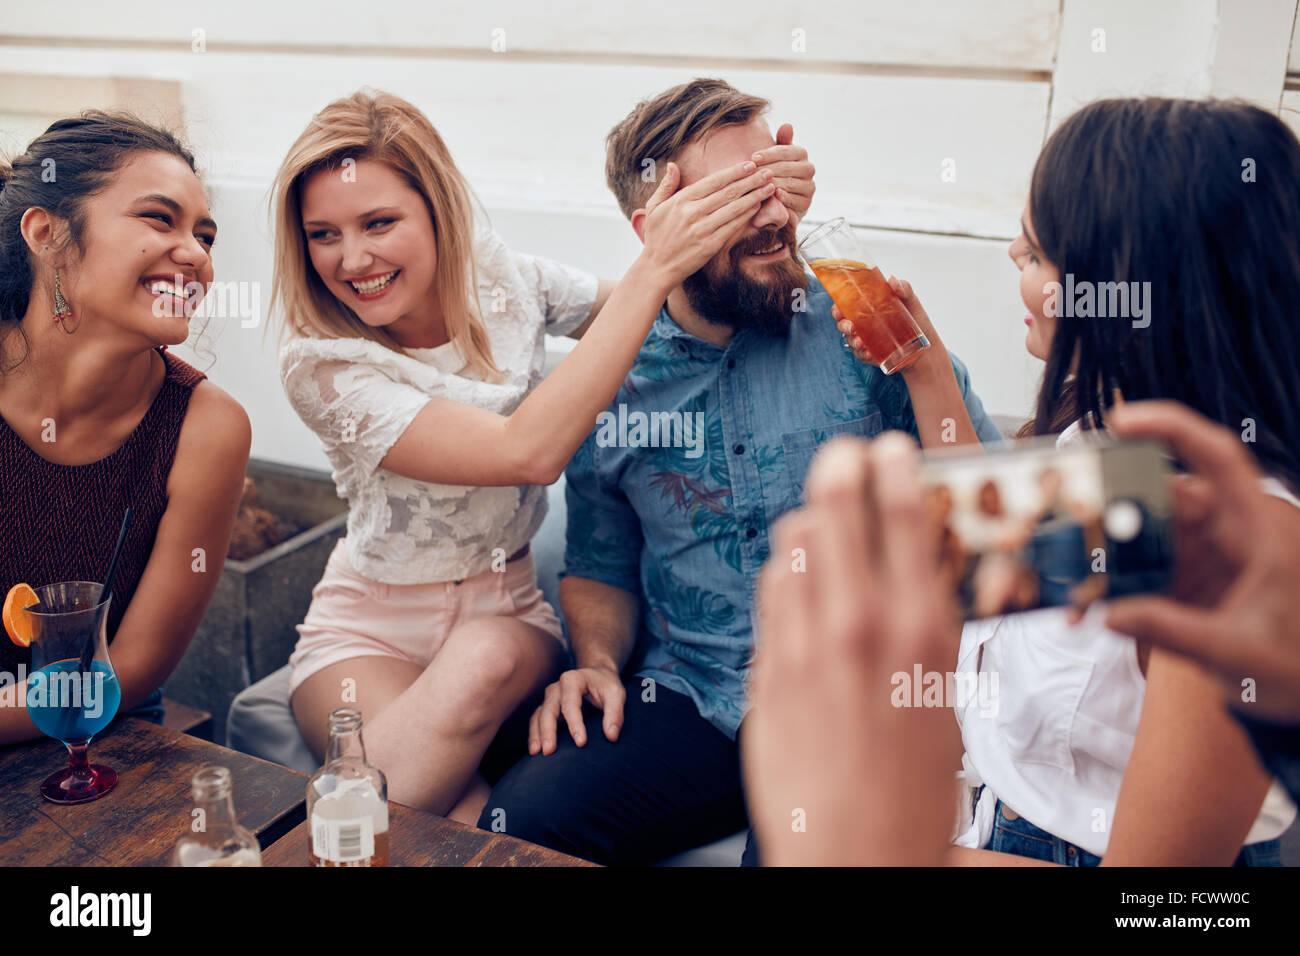 Los jóvenes sentados juntos disfrutando de partido. Mujer cerrando los ojos de un hombre con otro dando bebida. Imagen De Stock